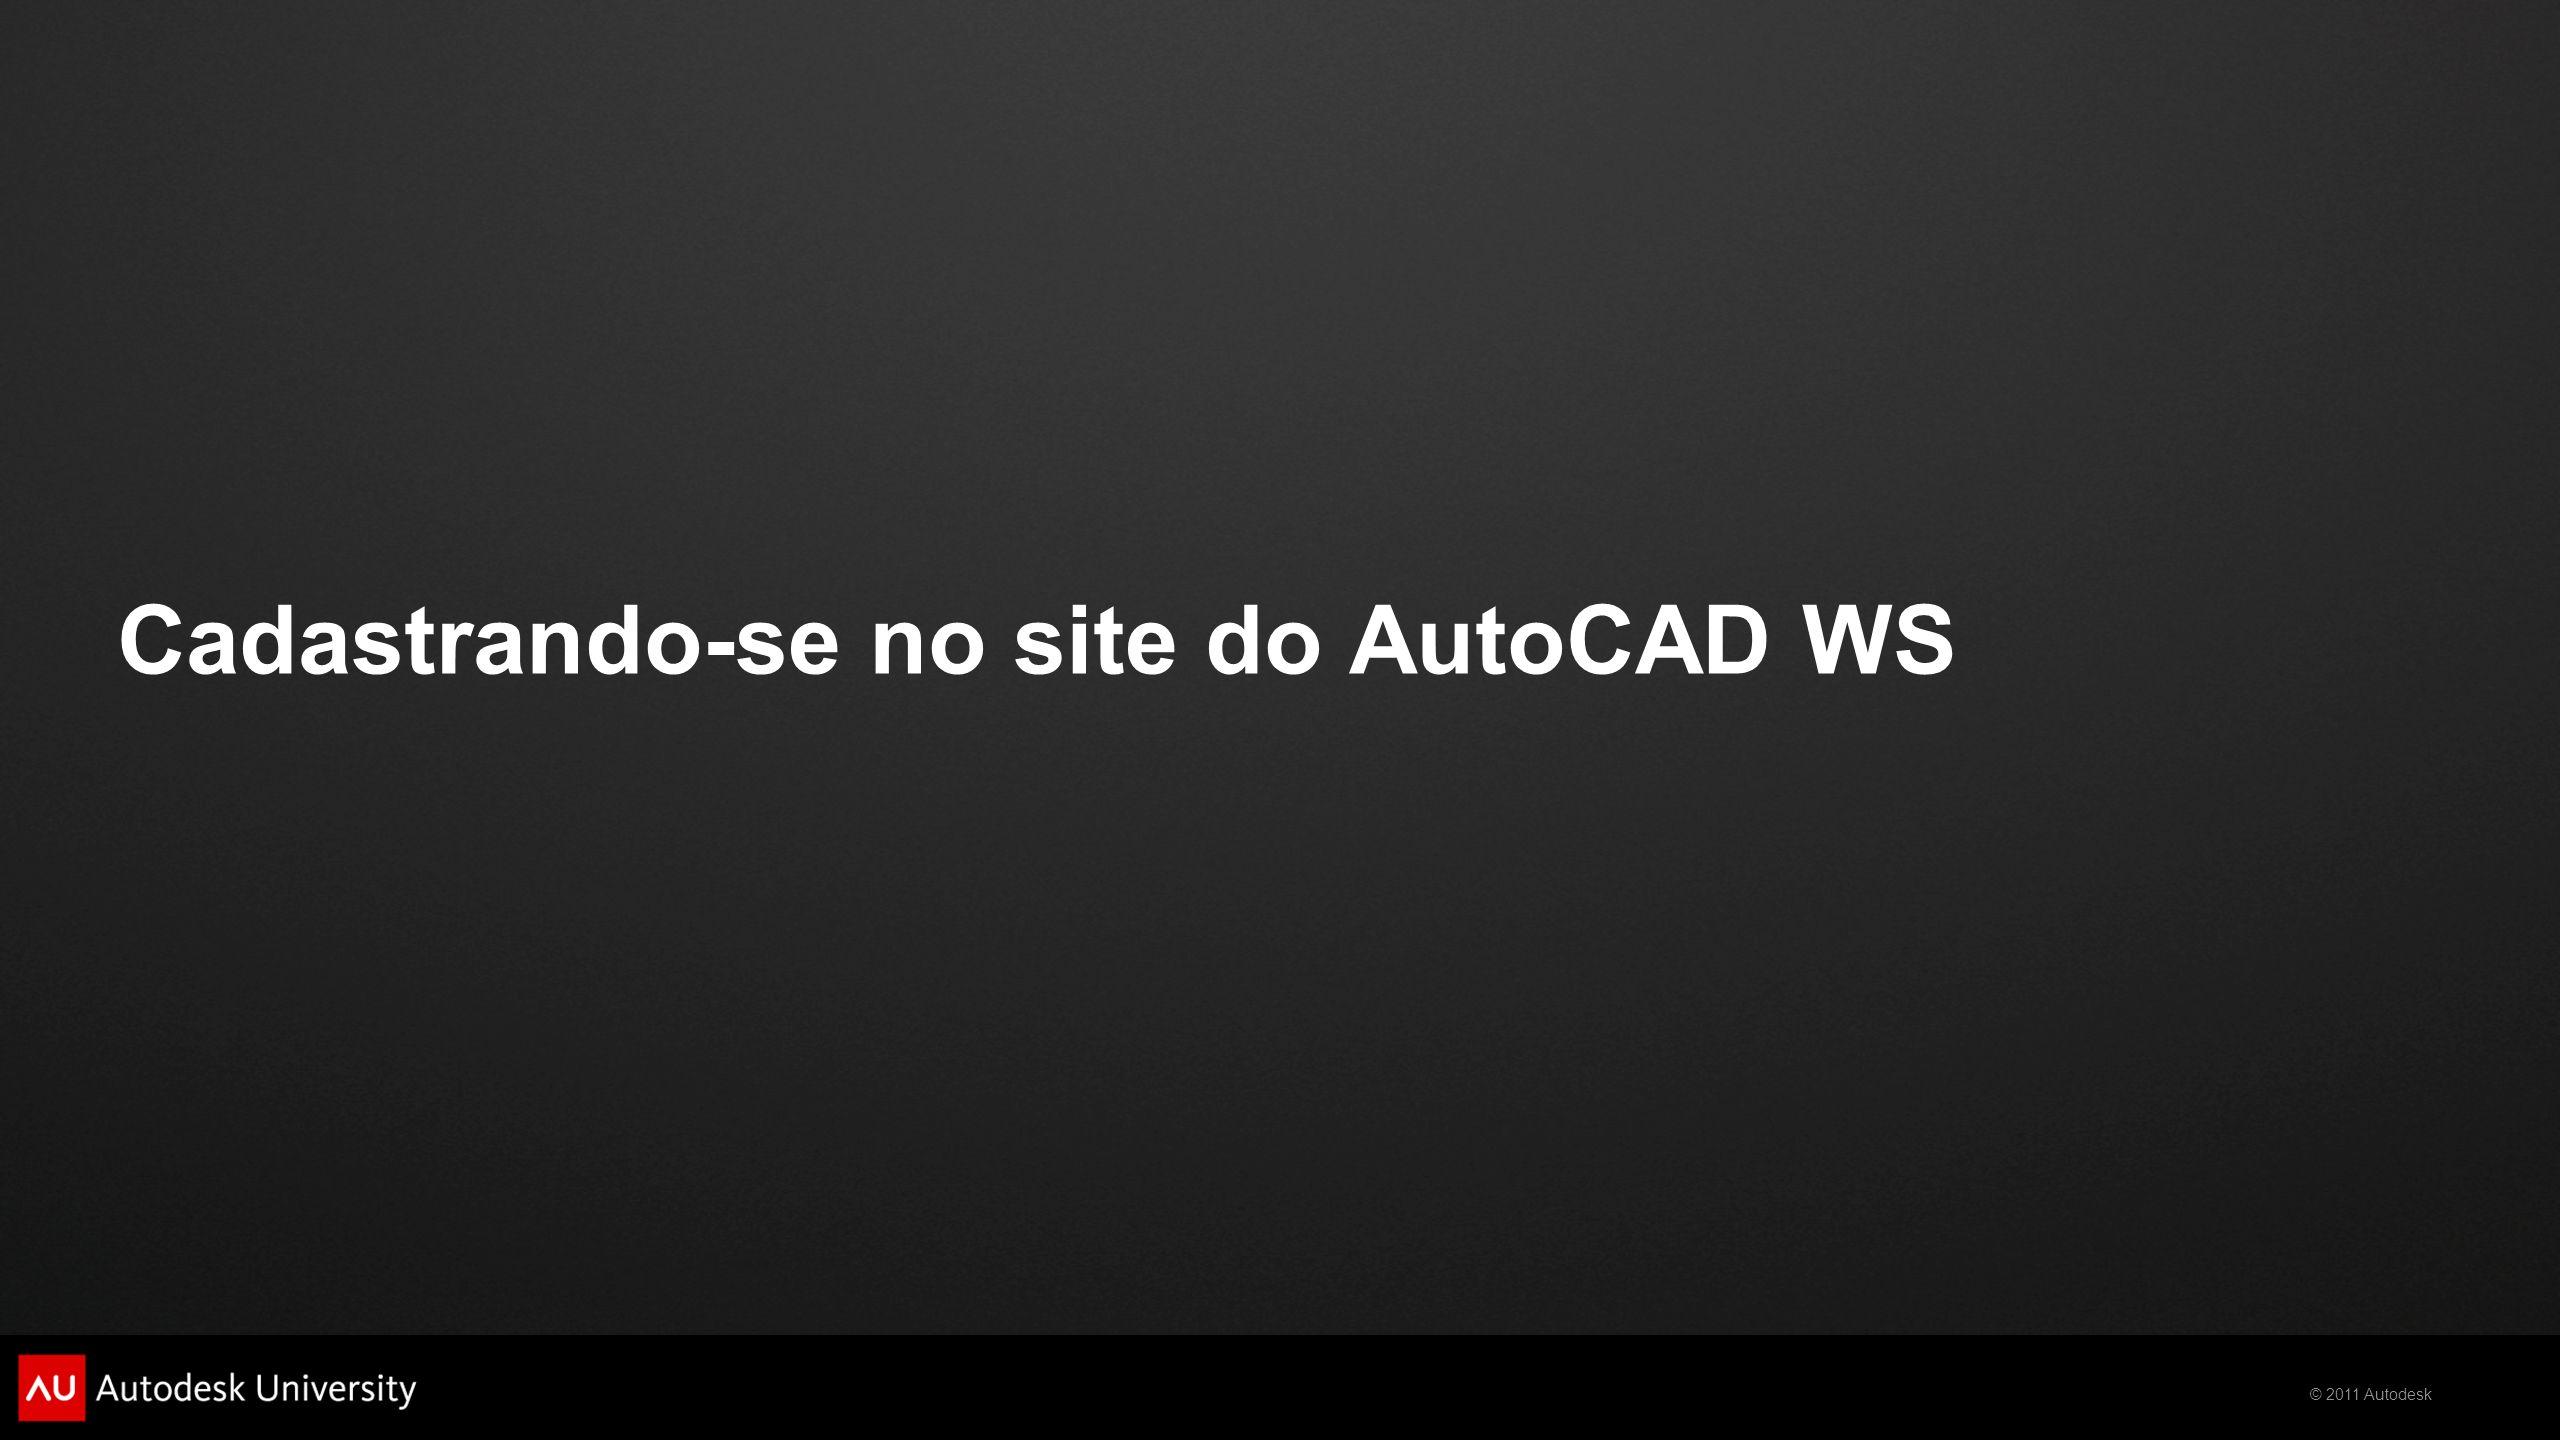 © 2011 Autodesk Utilizando o AutoCAD WS em um iPhone/iPad Seleção de Cor Seleção de Camadas Seleção de Layout Definindo o Modo de Visualização do Desenho Ferramentas de Edição Compartilhar Desenho Gerenciando os Arquivos Locais Ajuda do AutoCAD WS Configurações do AutoCAD WS